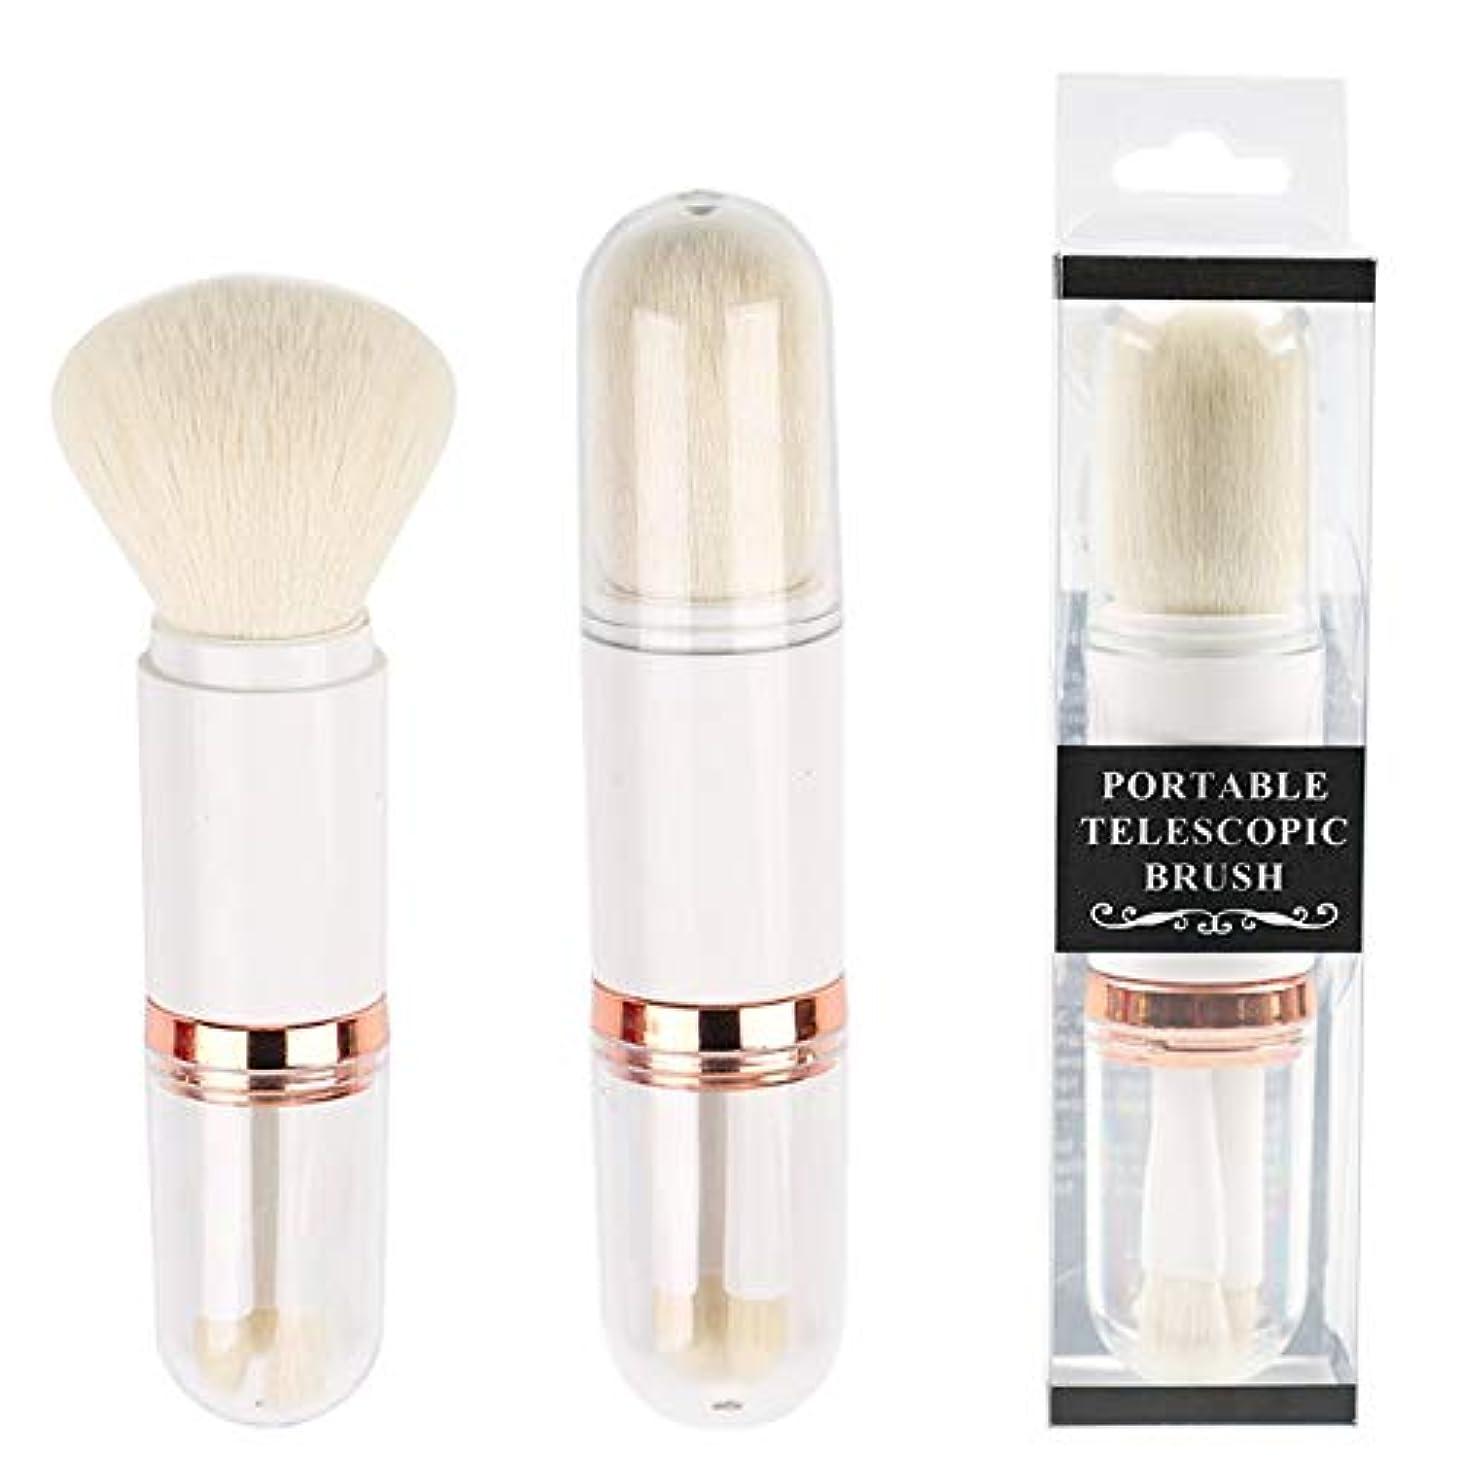 空のジャベスウィルソン日常的にMakeup brushes 4で1化粧ブラシポータブル開閉式カバー三つ折りヘッドWantonパウダーブラシアイシャドウブラシ美容ツール suits (Color : White)